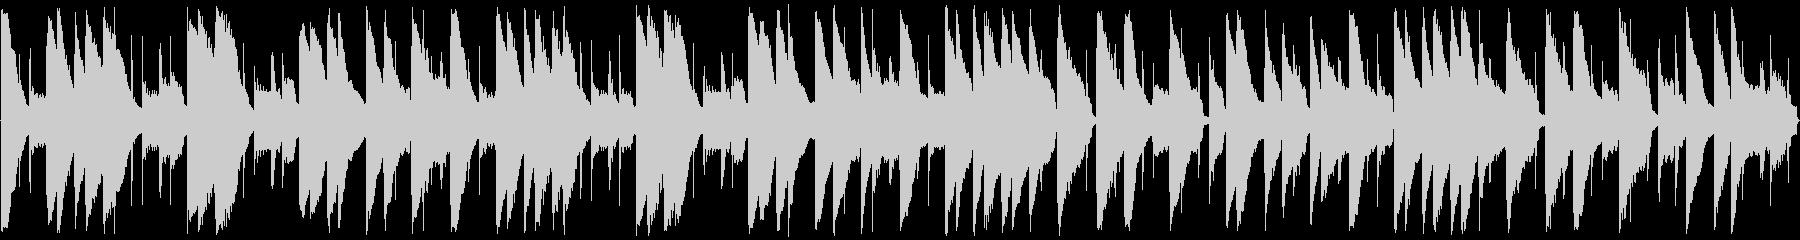 1分弱の可愛いほのぼの日常系BGMの未再生の波形